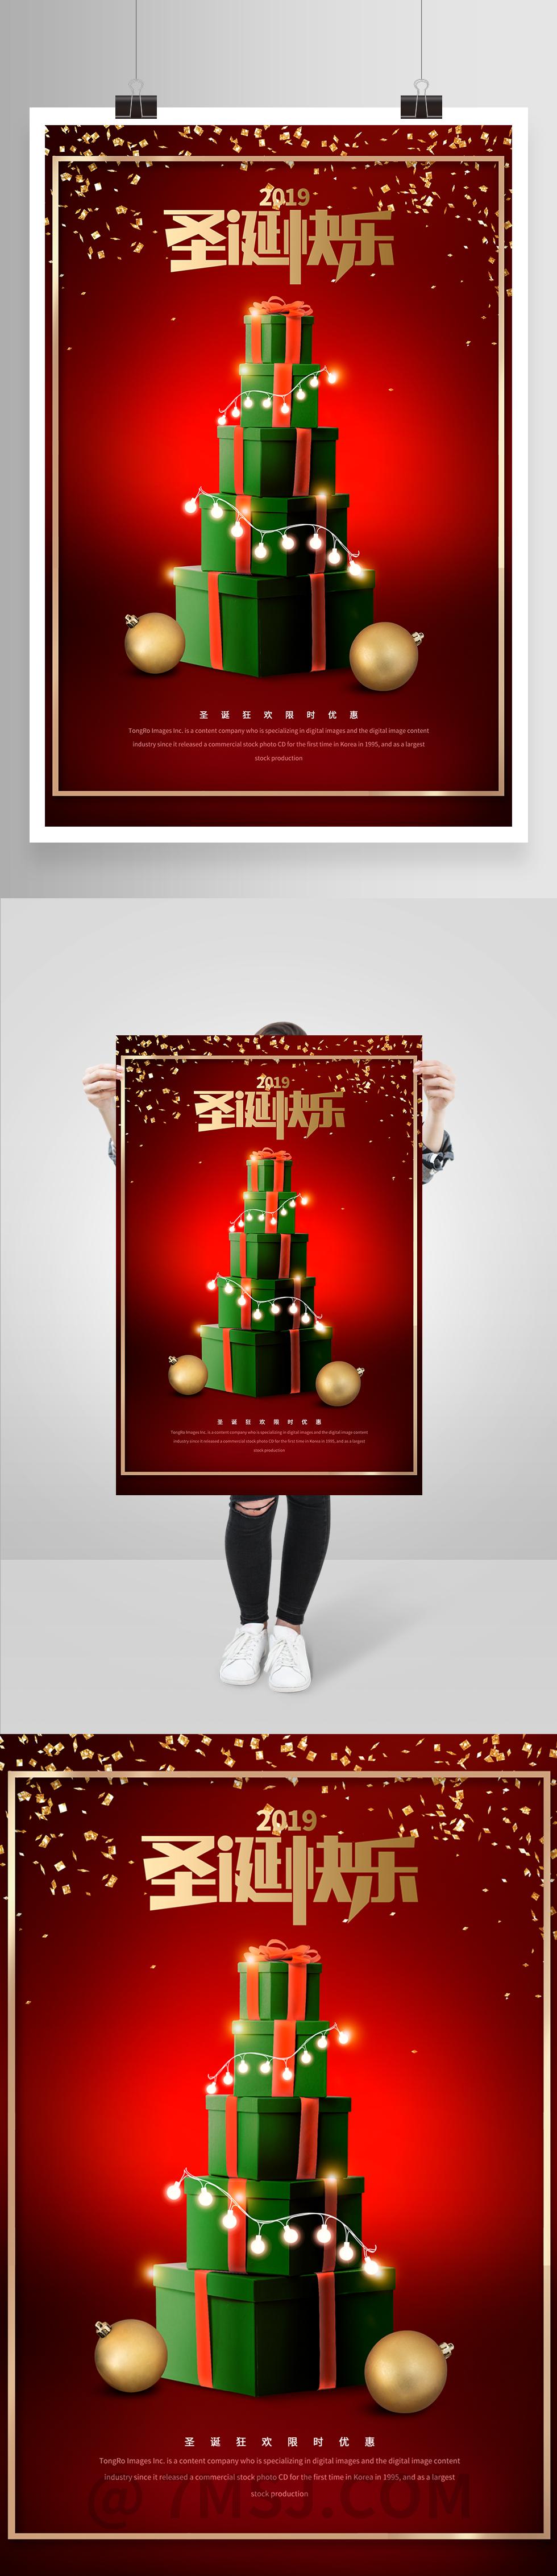 红色圣诞节礼物海报